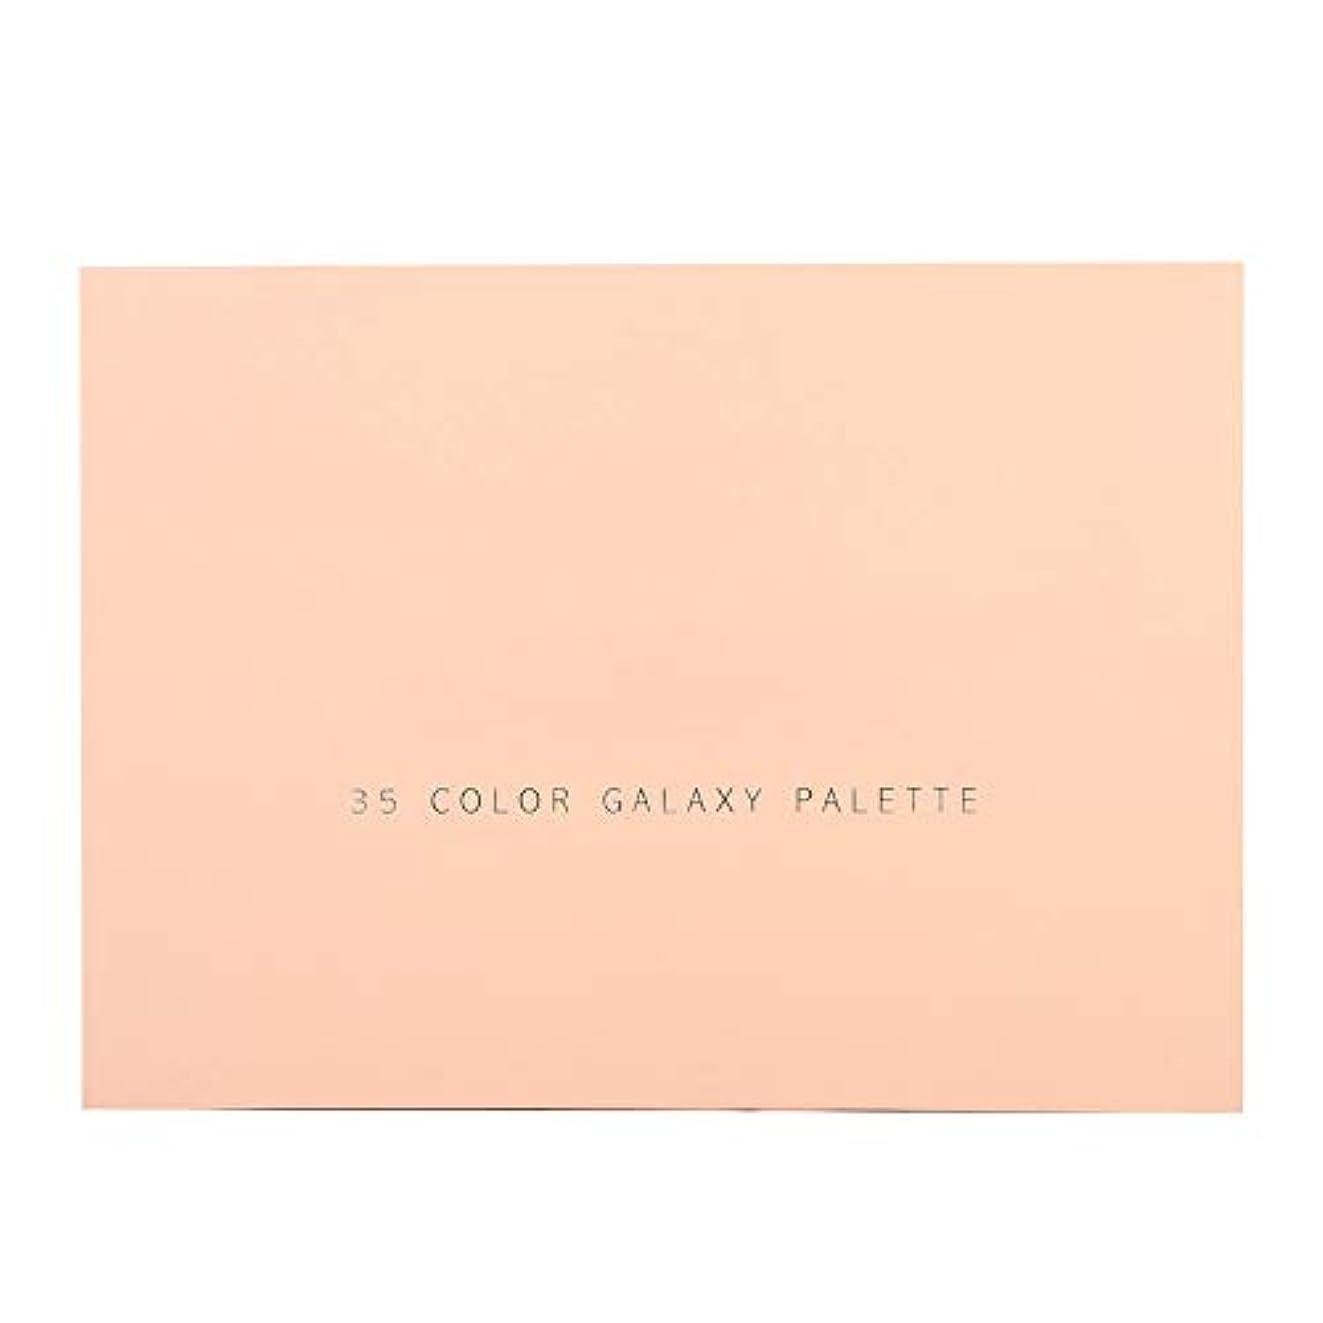 最初申し立てられた縮れた35色キラキラマットアイシャドーパレット簡単に適用するアイシャドー化粧品メイクアップパウダー(ピンク)